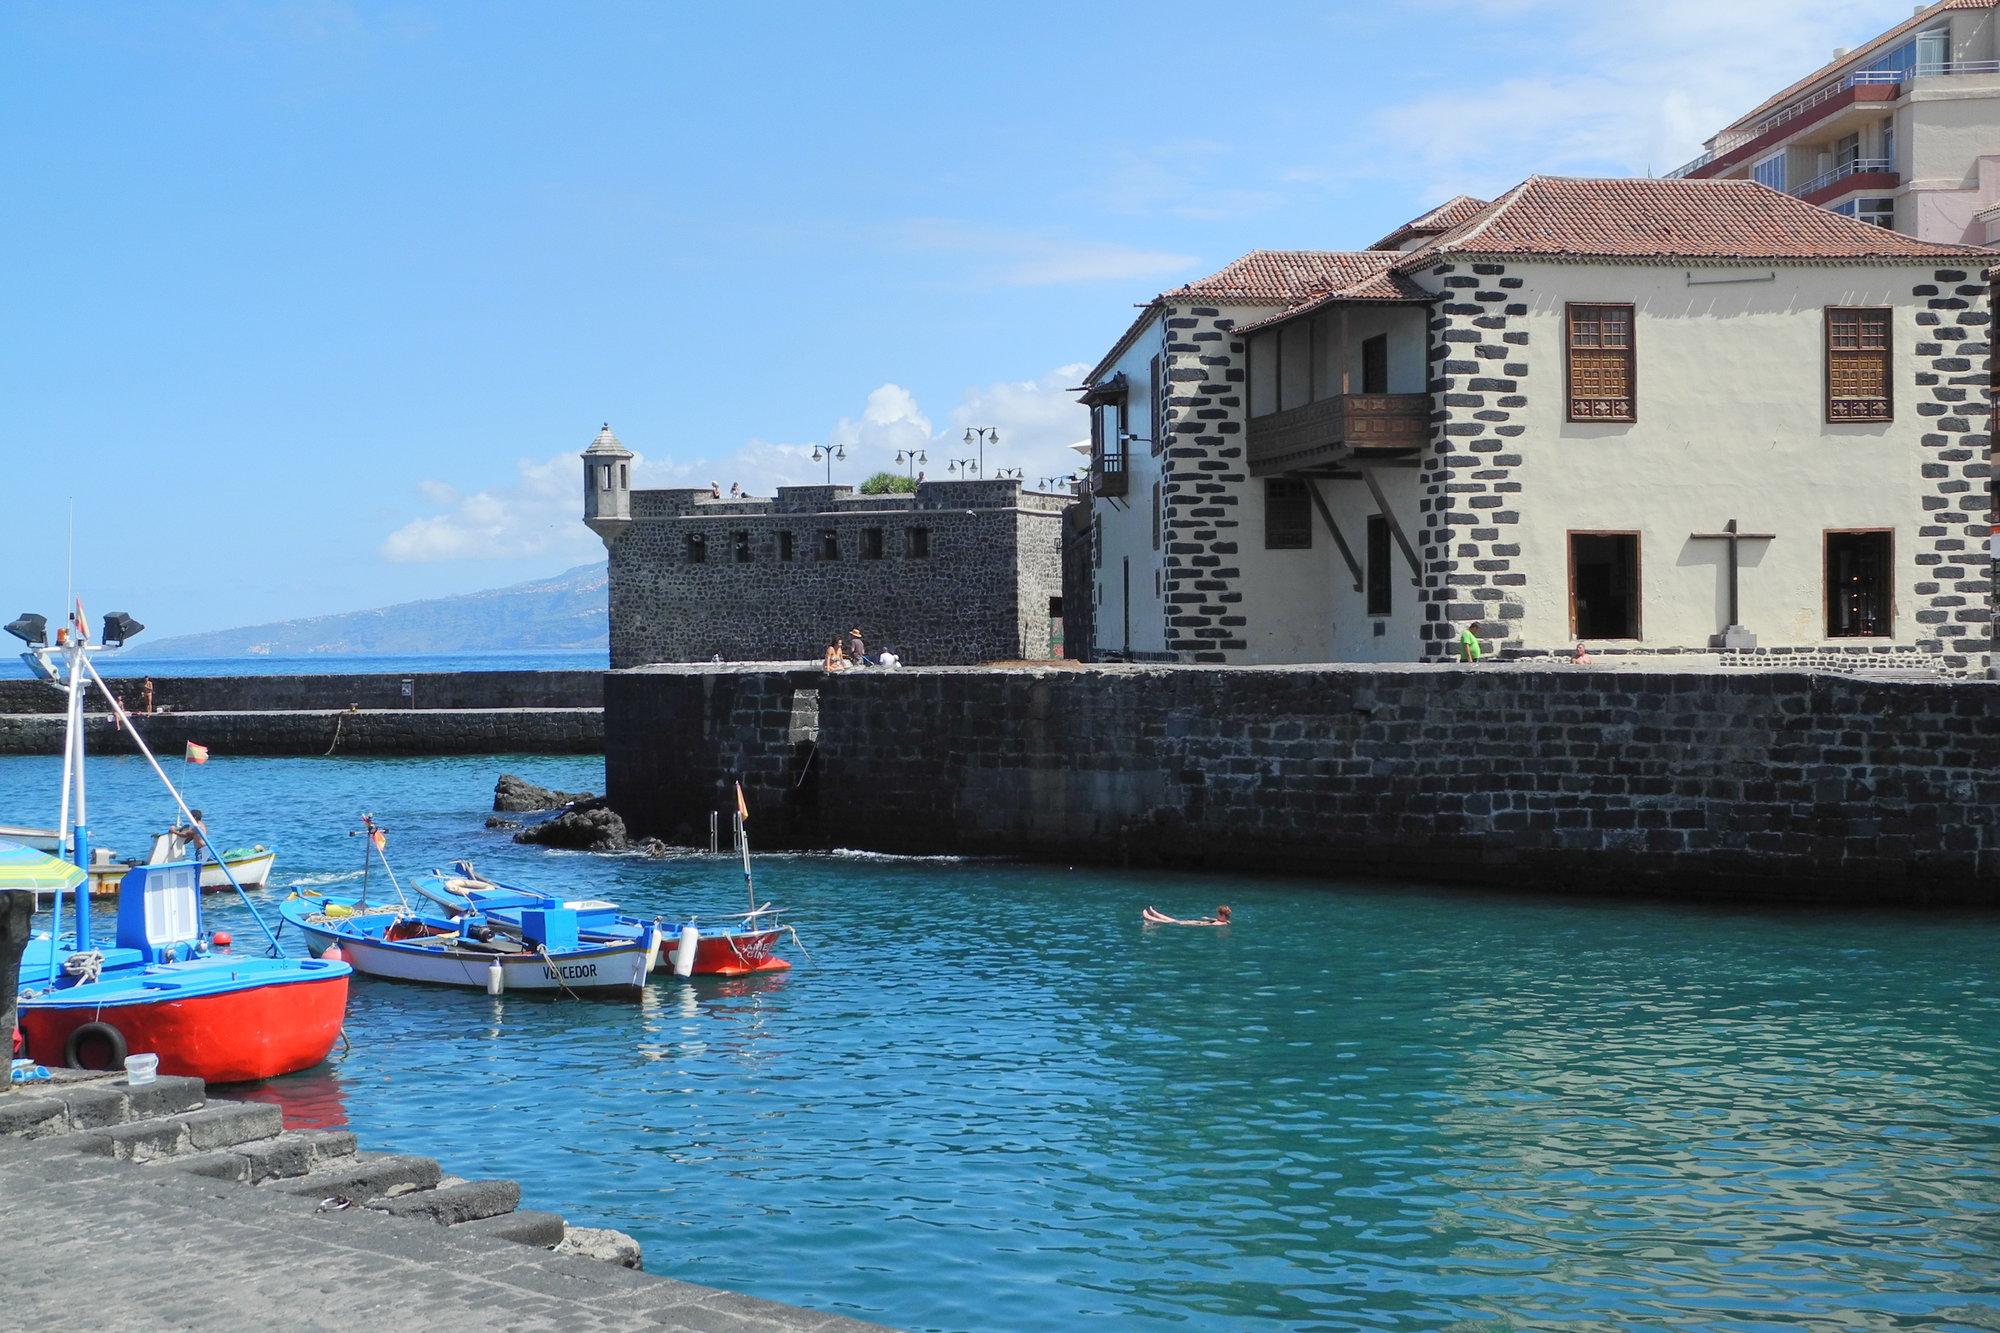 bývalý rybářský přístav